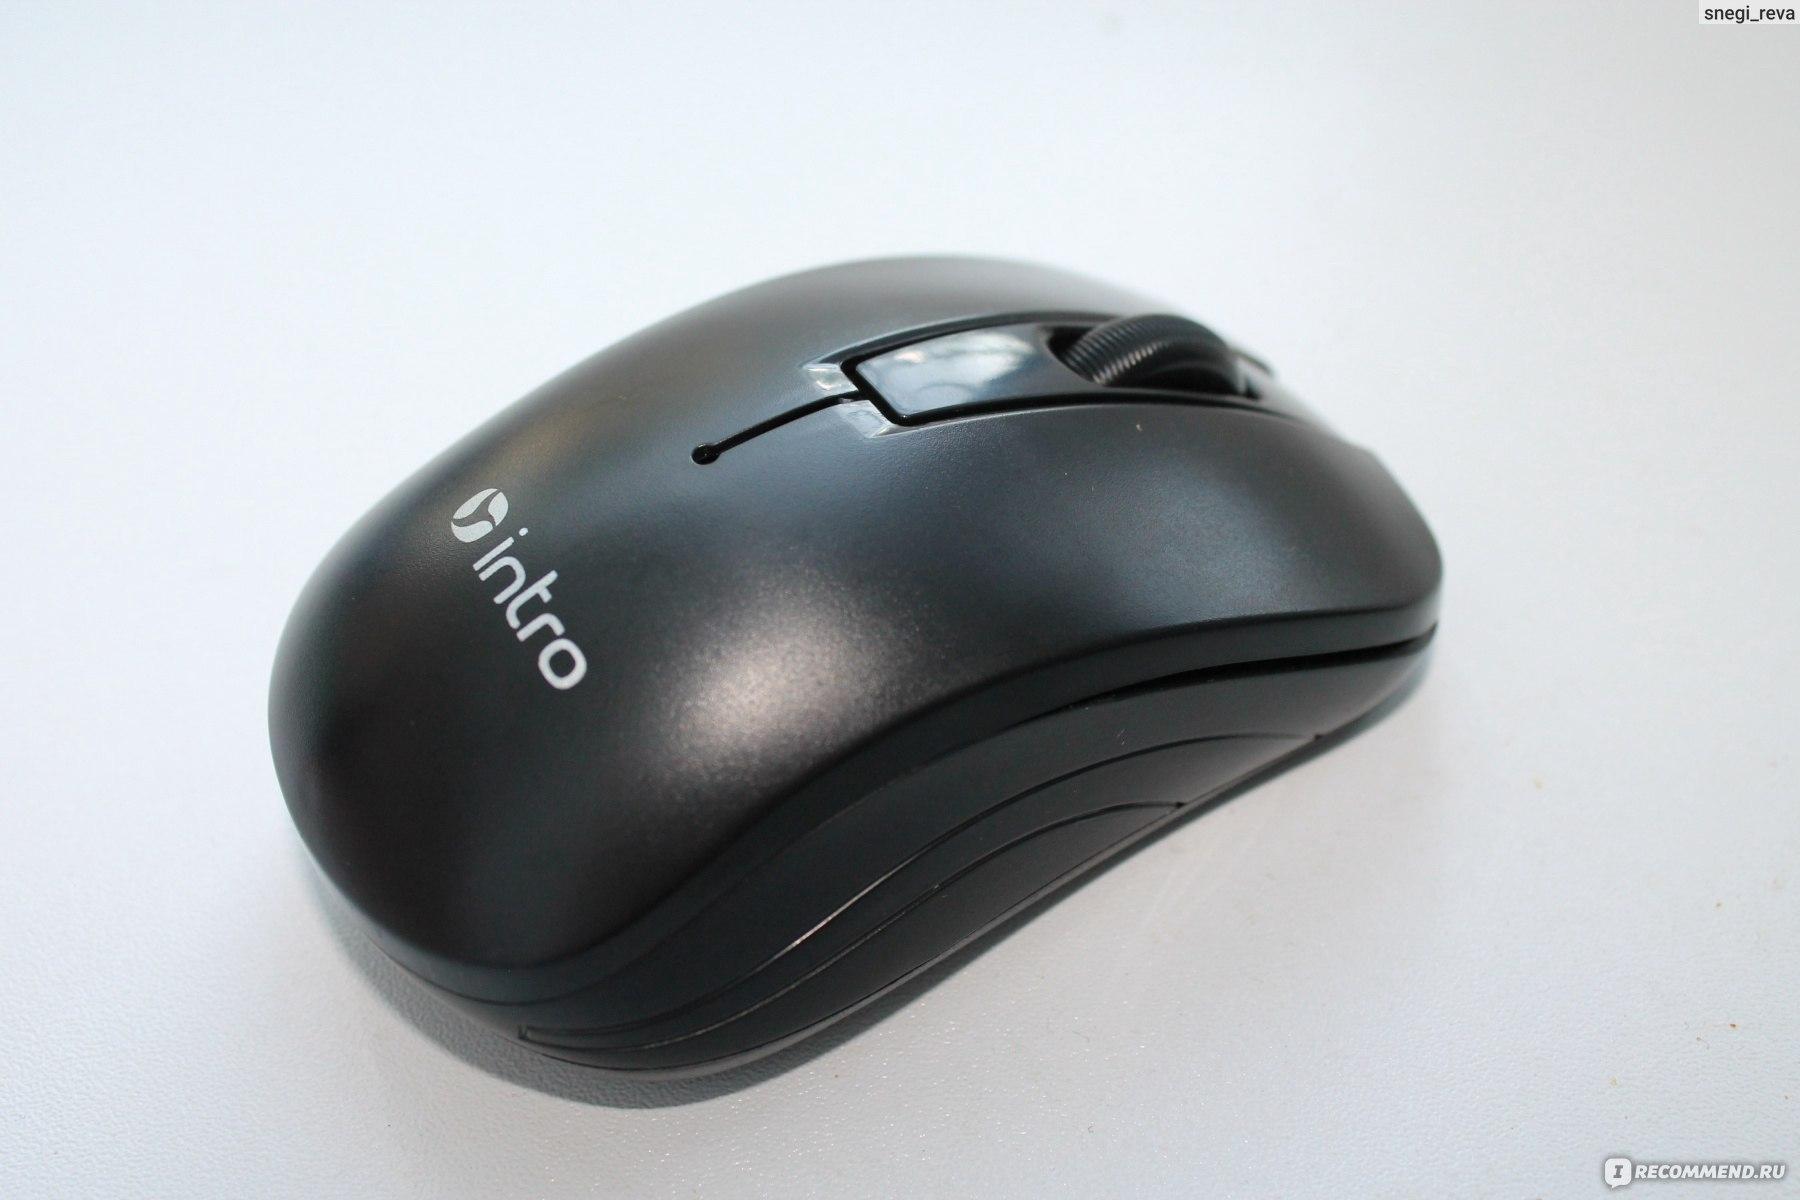 Как сделать чтобы беспроводная мышь отключалась при простое